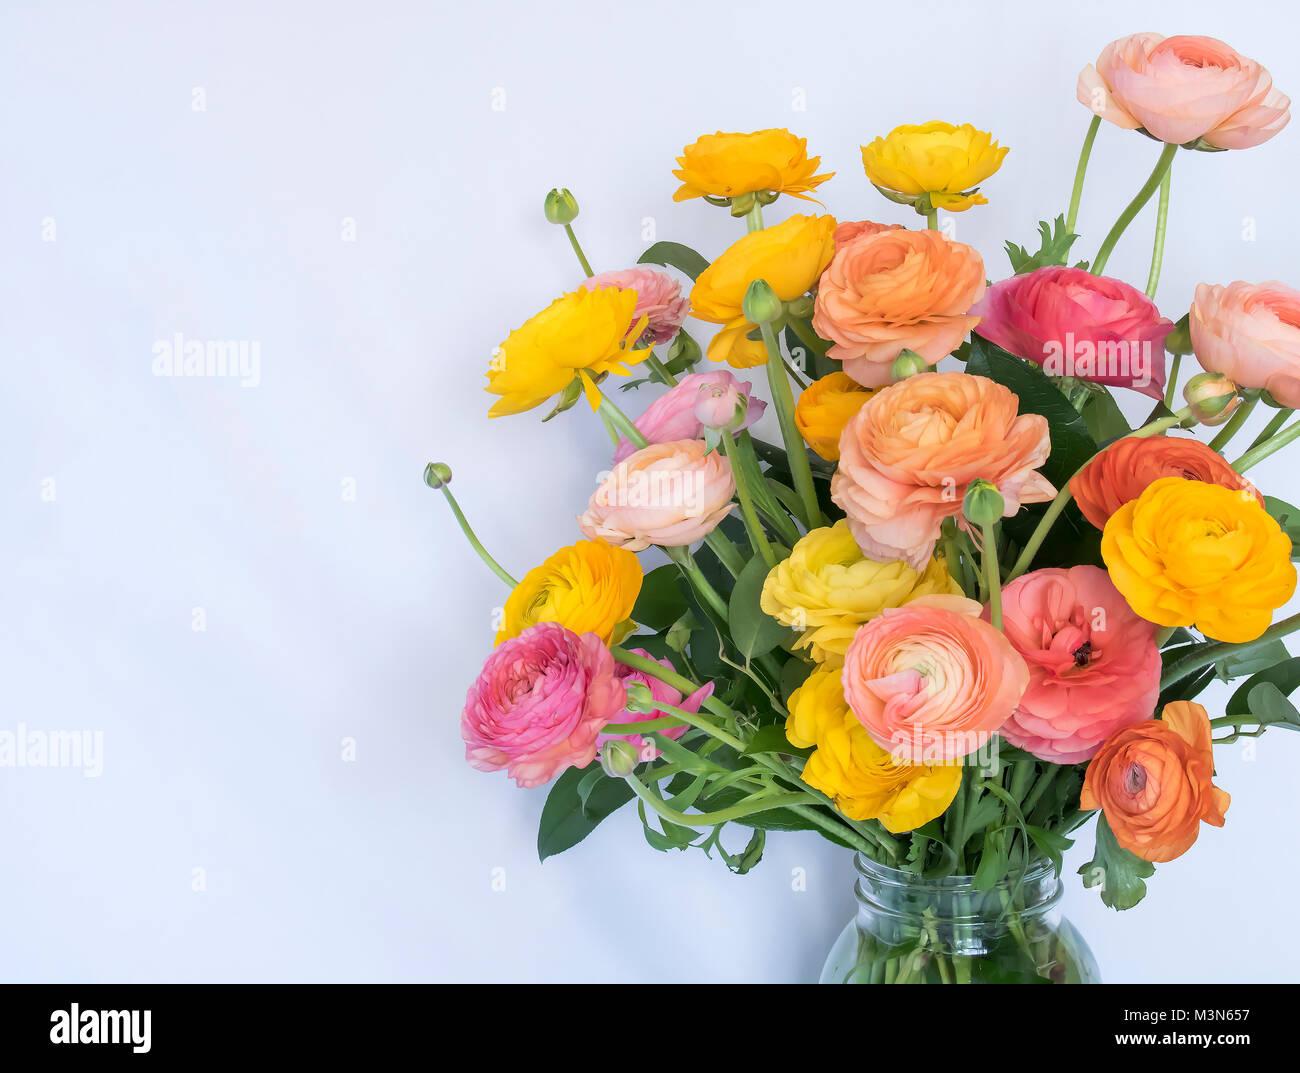 Bouquet Di Ranuncoli Fiori Rosa In Giallo Arancio Colori Pesca Su